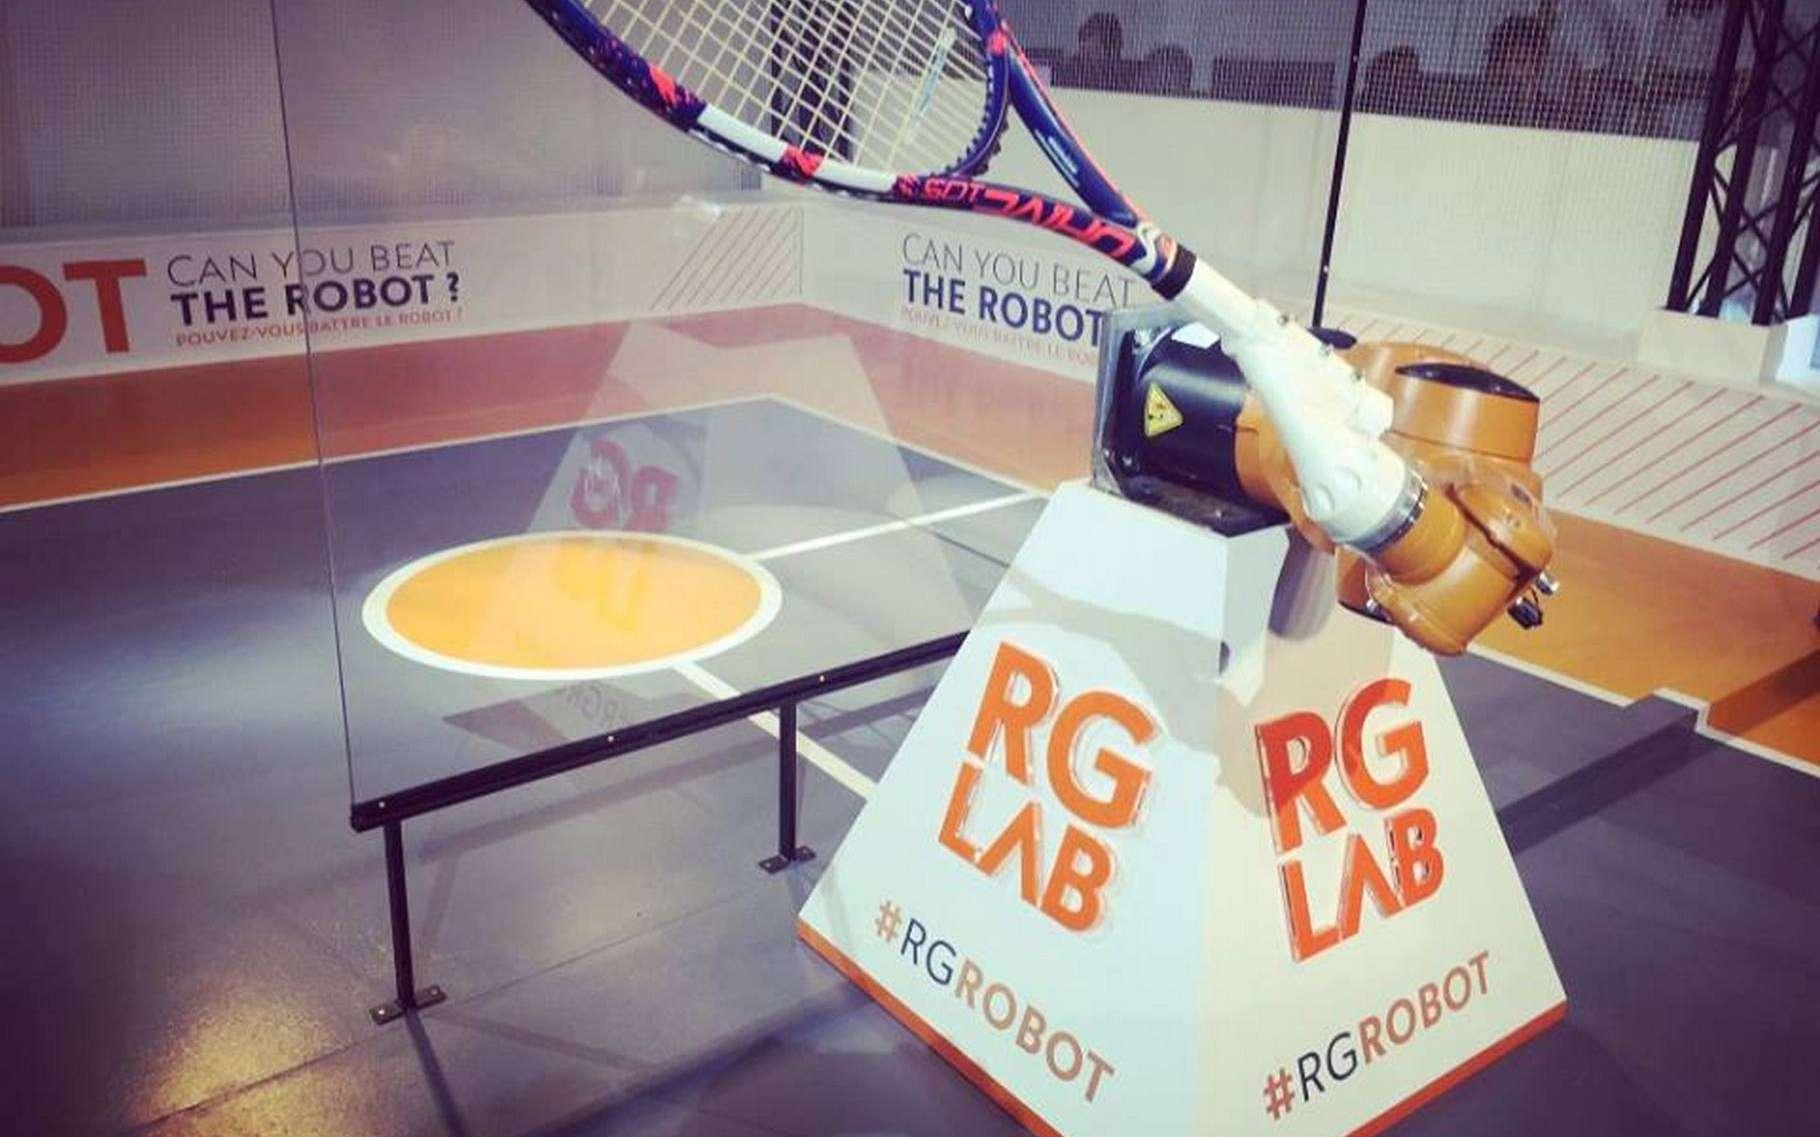 Ceux qui ont l'opportunité de se rendre au tournoi de Roland-Garros peuvent aller taper la balle avec ce robot tennisman. © Rolland Garros, Kuka, RealTime Robotics, Sick, Schunk